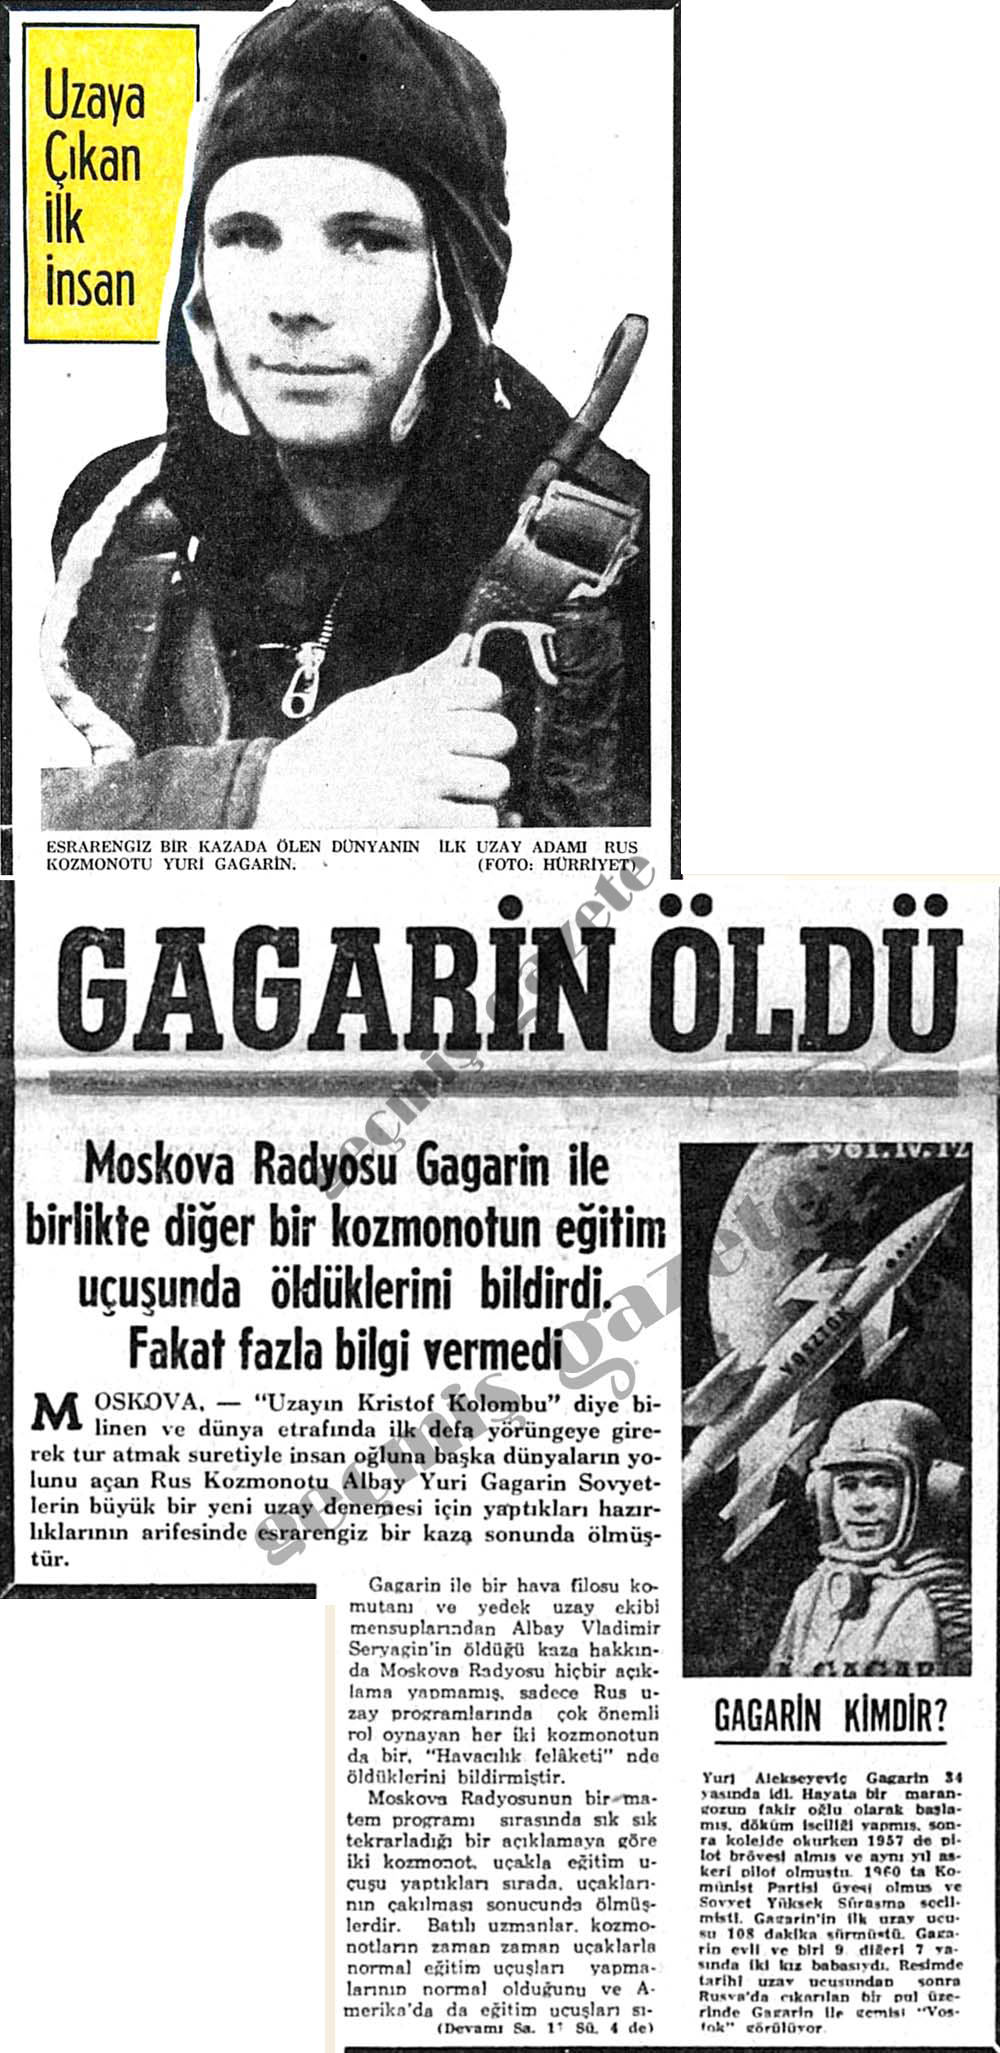 Gagarin öldü